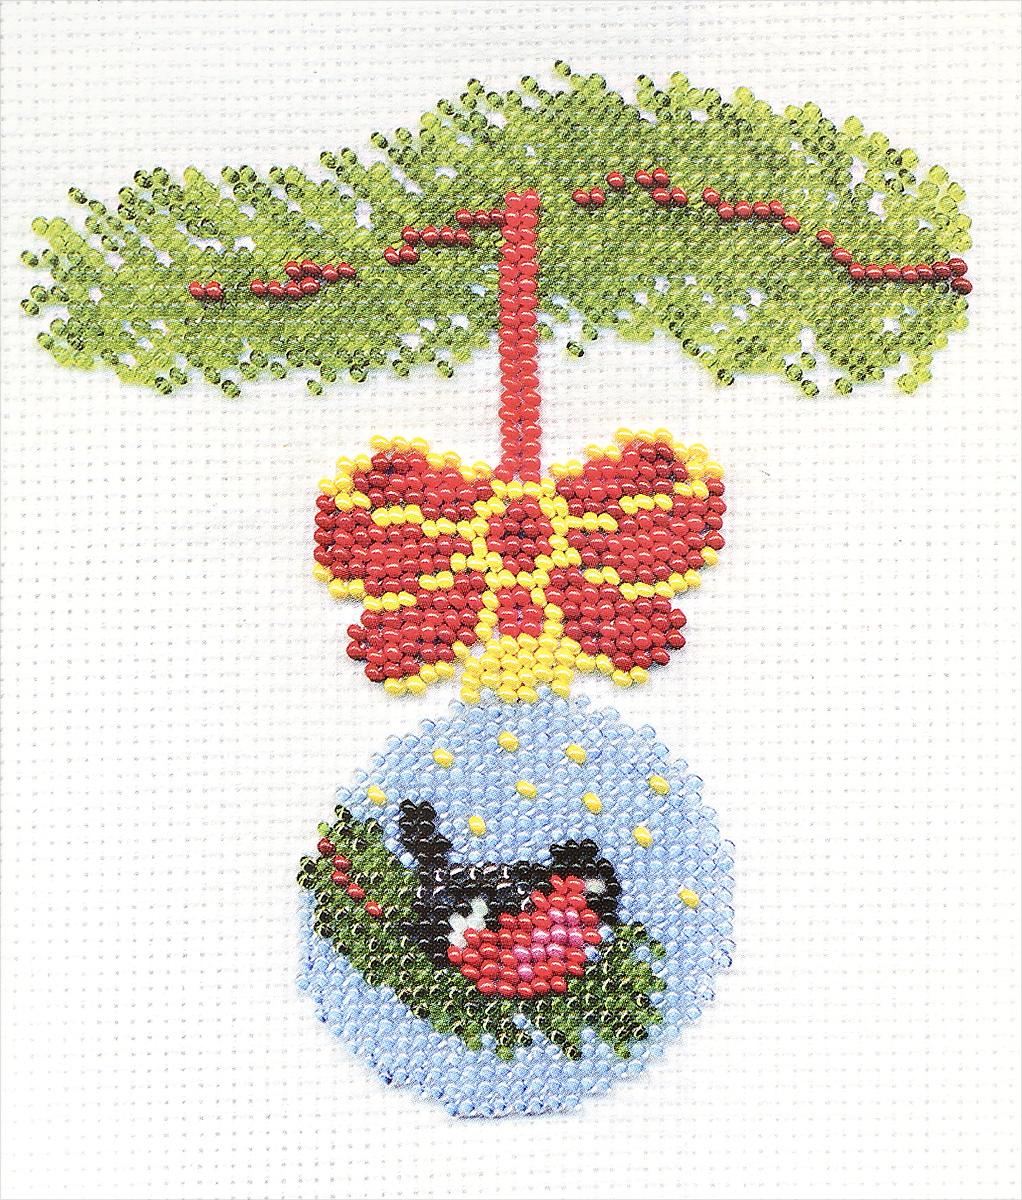 Набор для вышивания бисером Кларт Новогодний шарик со снегирем, 13 х 12 см набор для вышивания крестом кларт лицо птицы 8 x 13 см